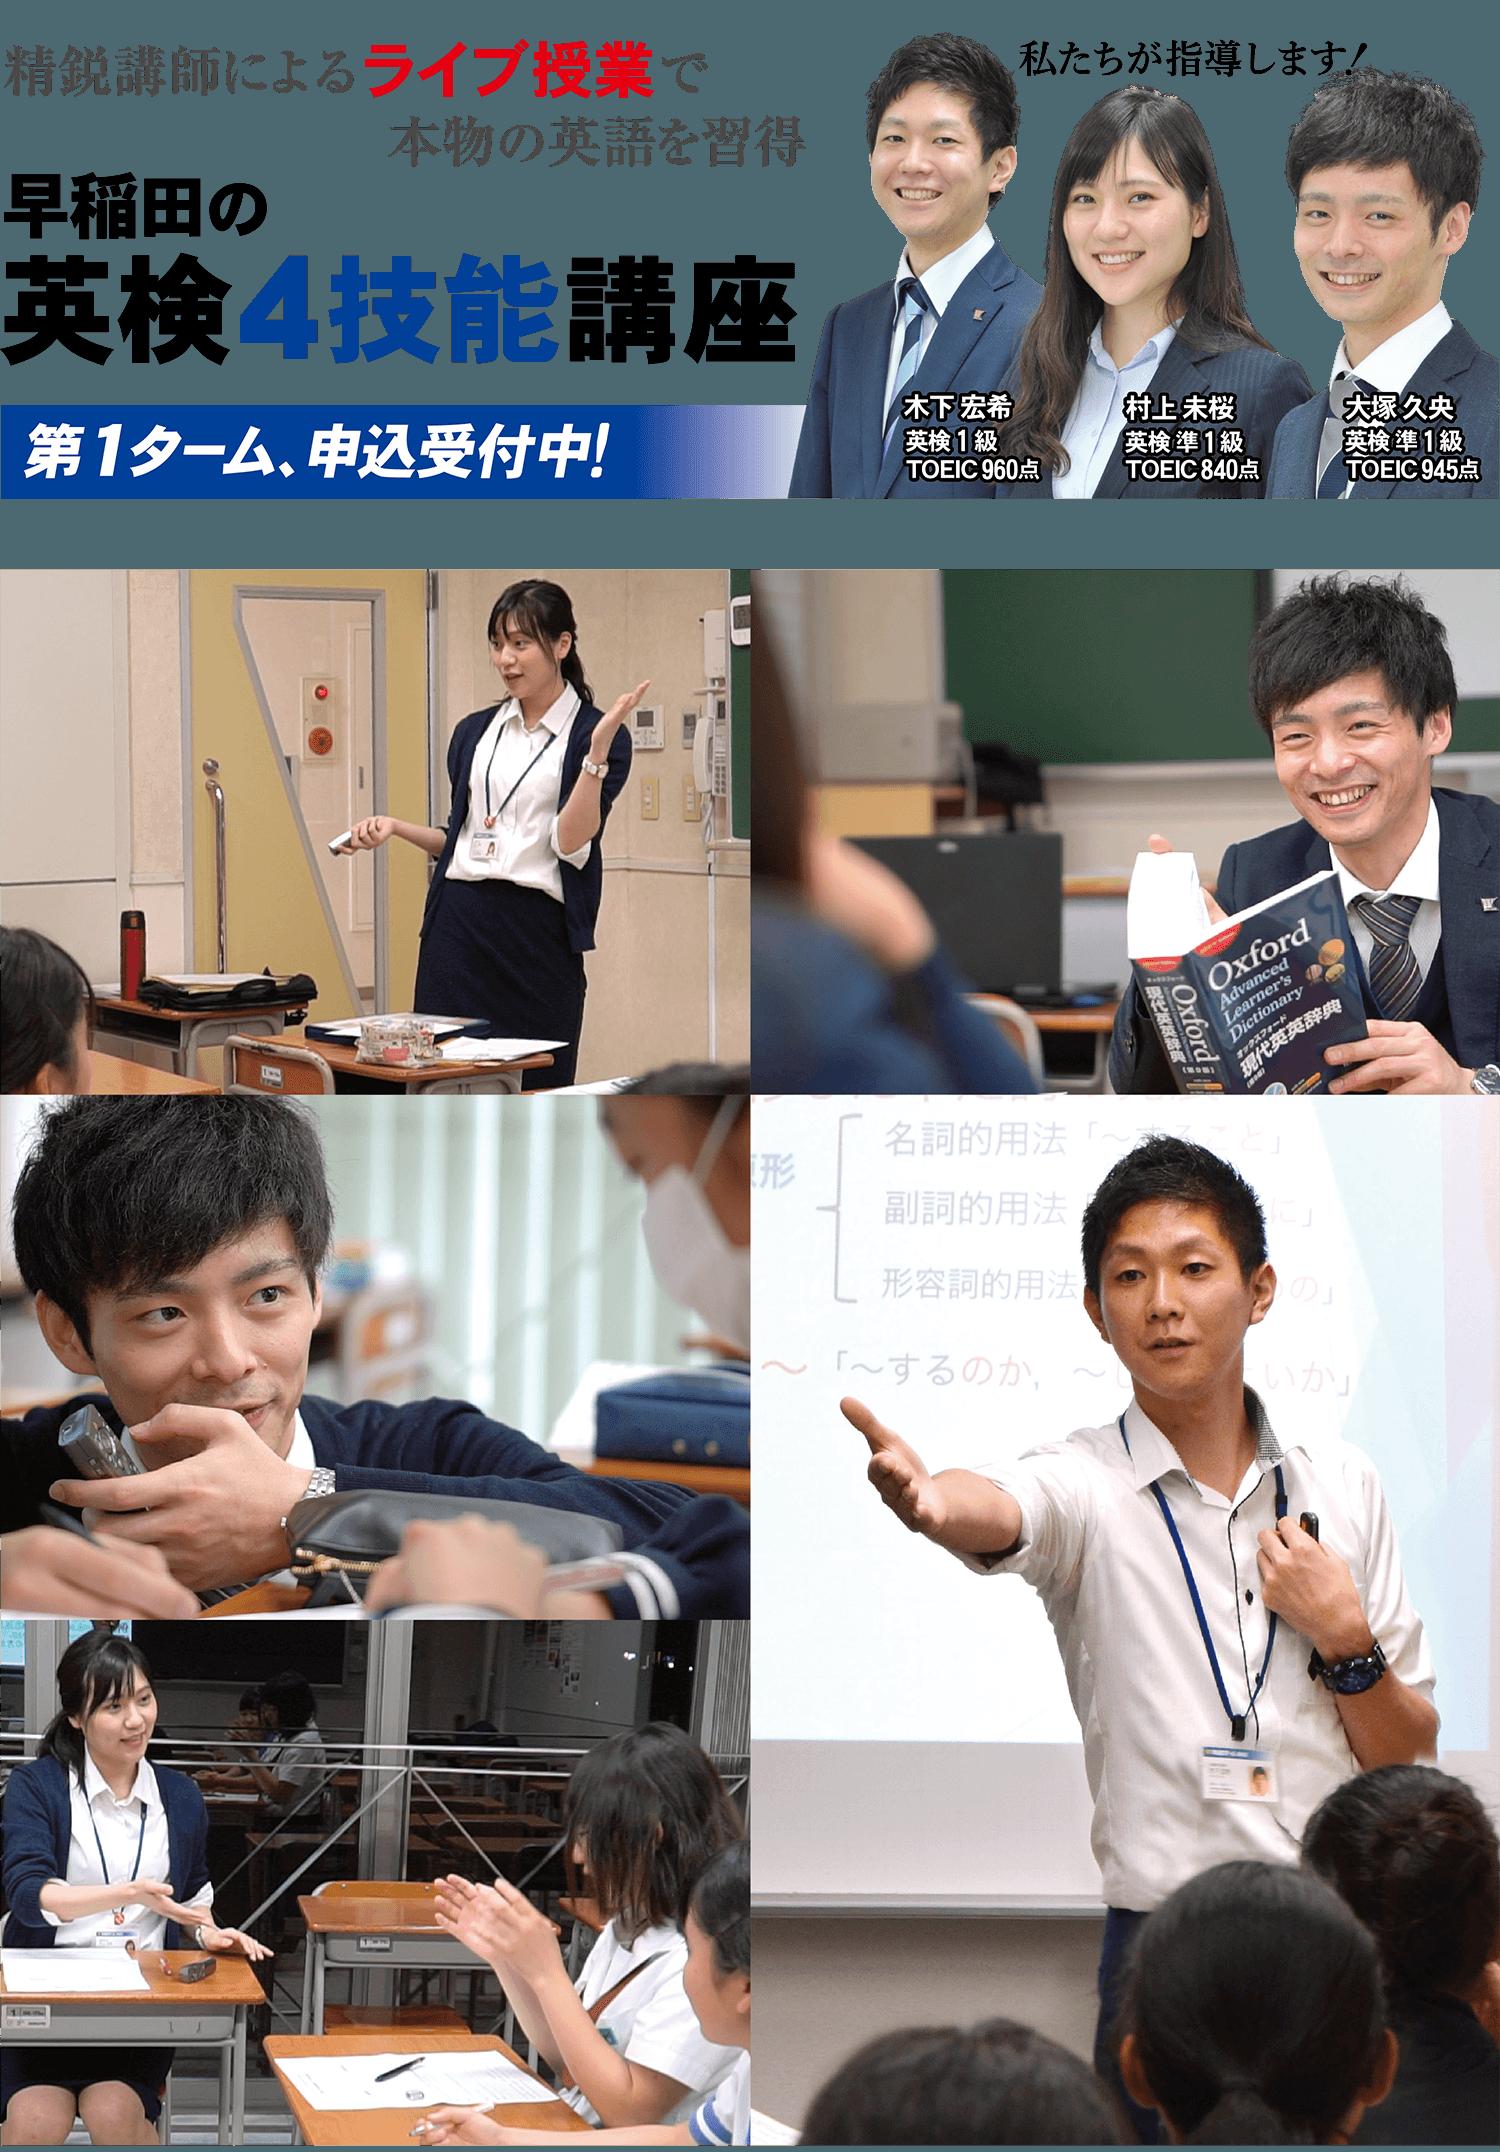 早稲田の英検4技能講座-講師陣